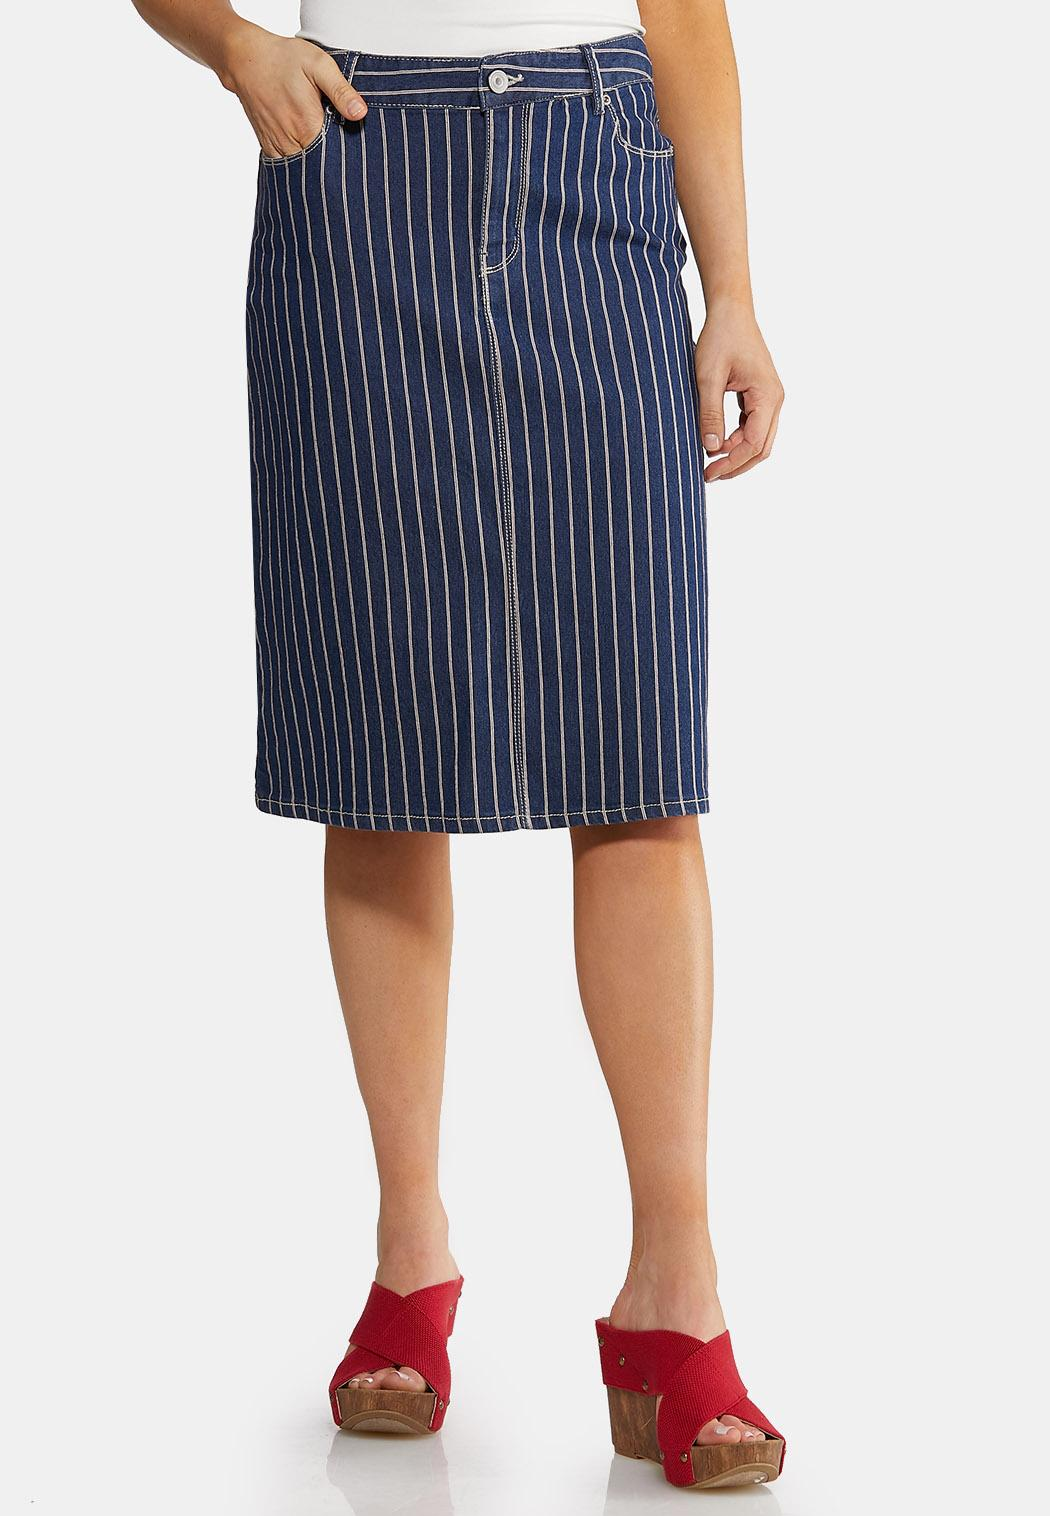 7415379e39e7 Women s Clothes   Fashion